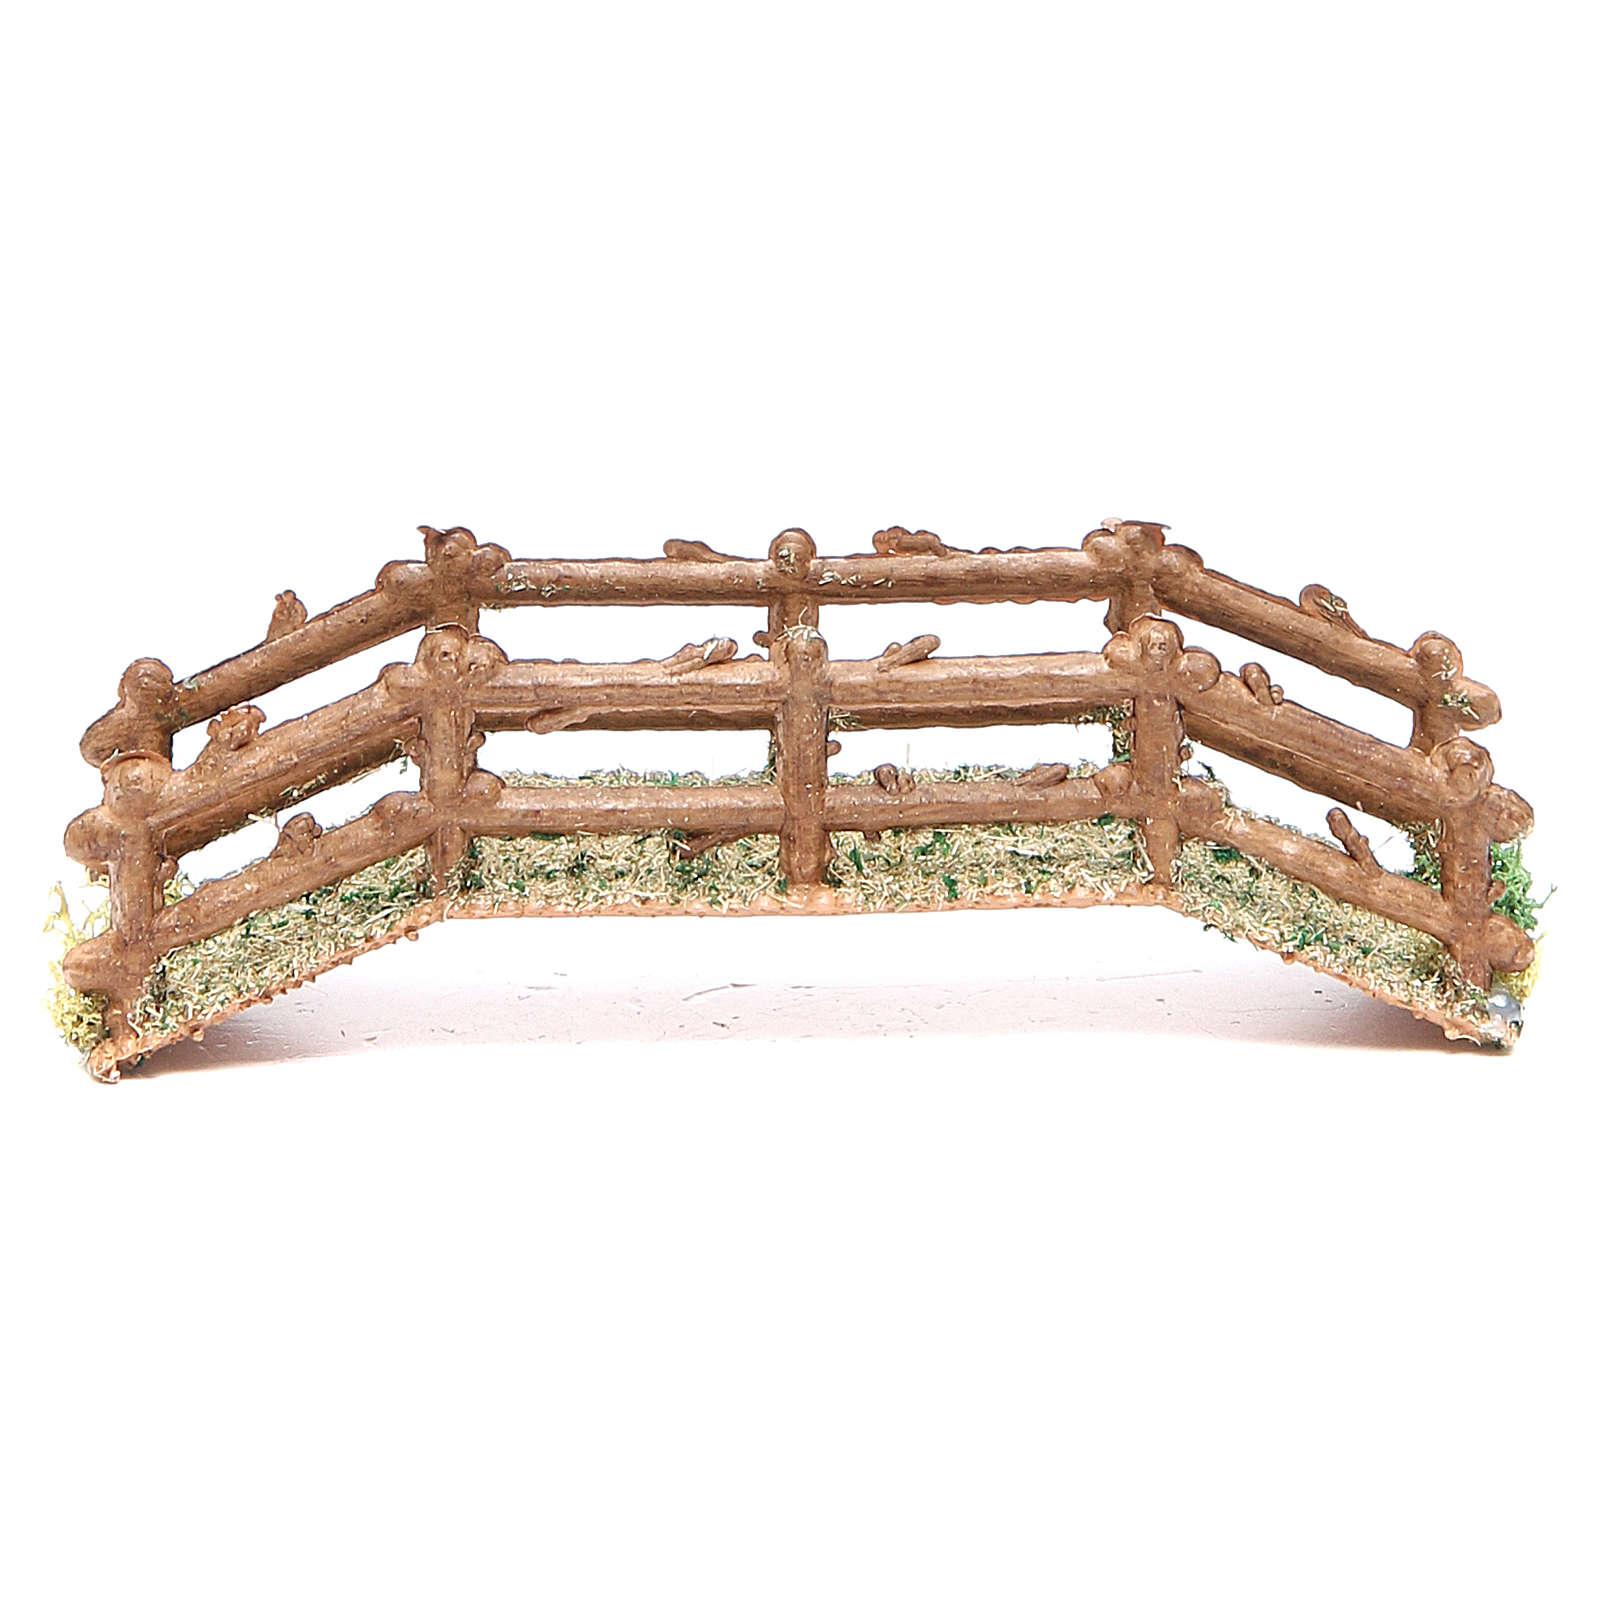 Puente belén hecho con bricolaje pvc 15x5xh. 3 cm 4